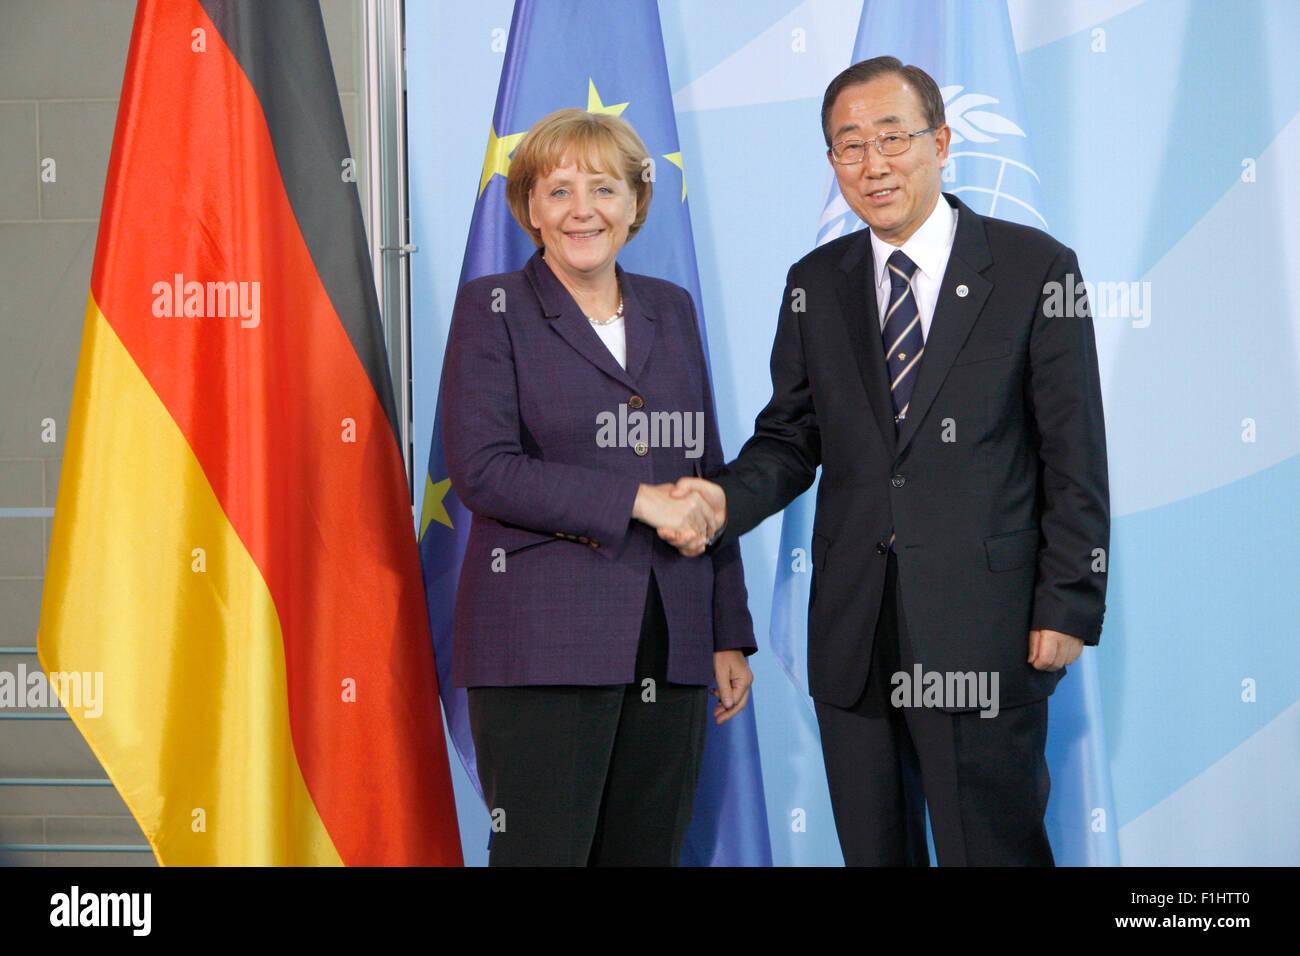 Angela Merkel , Ban Ki-Moon - Treffen der dt. Bundeskanzlerin mit dem Generalsekretaer der Vereinten Nationen, 15. - Stock Image